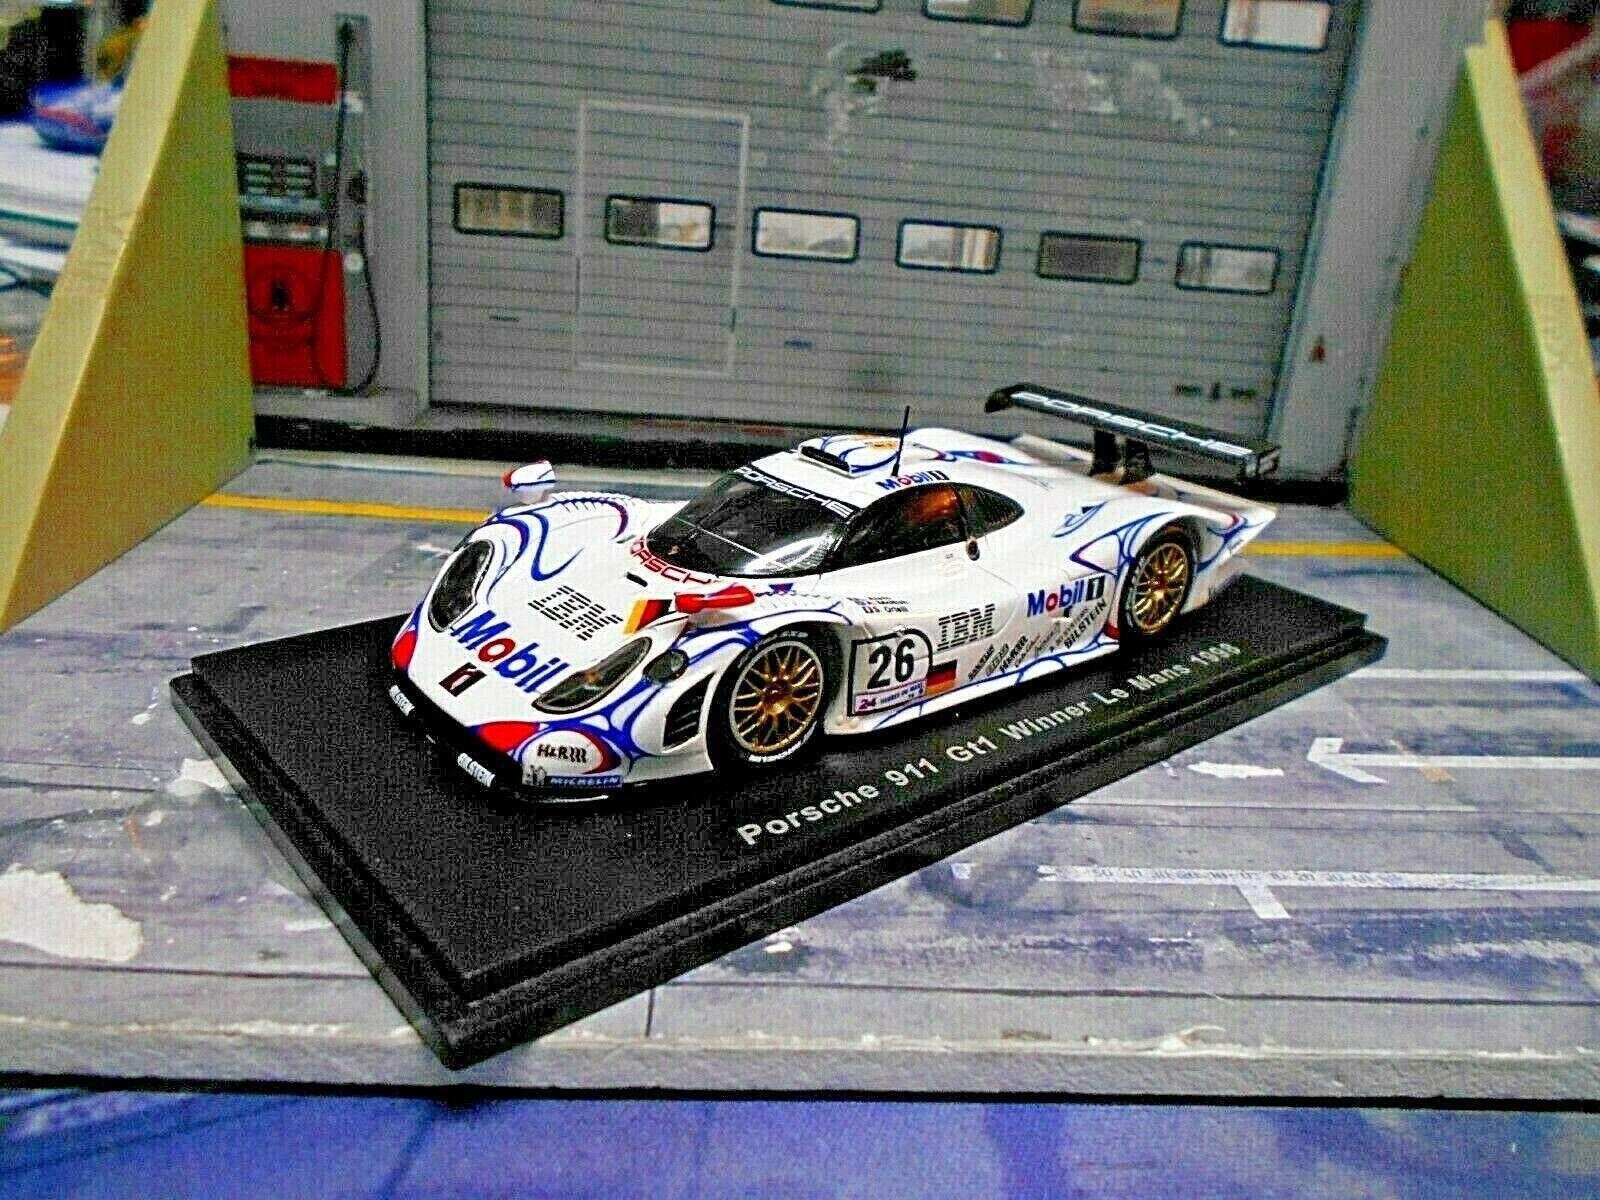 Porsche 911 gt1 EVO LE MANS WINNER 1998  26 McNish Aiello mobile IBM Spark 1 43